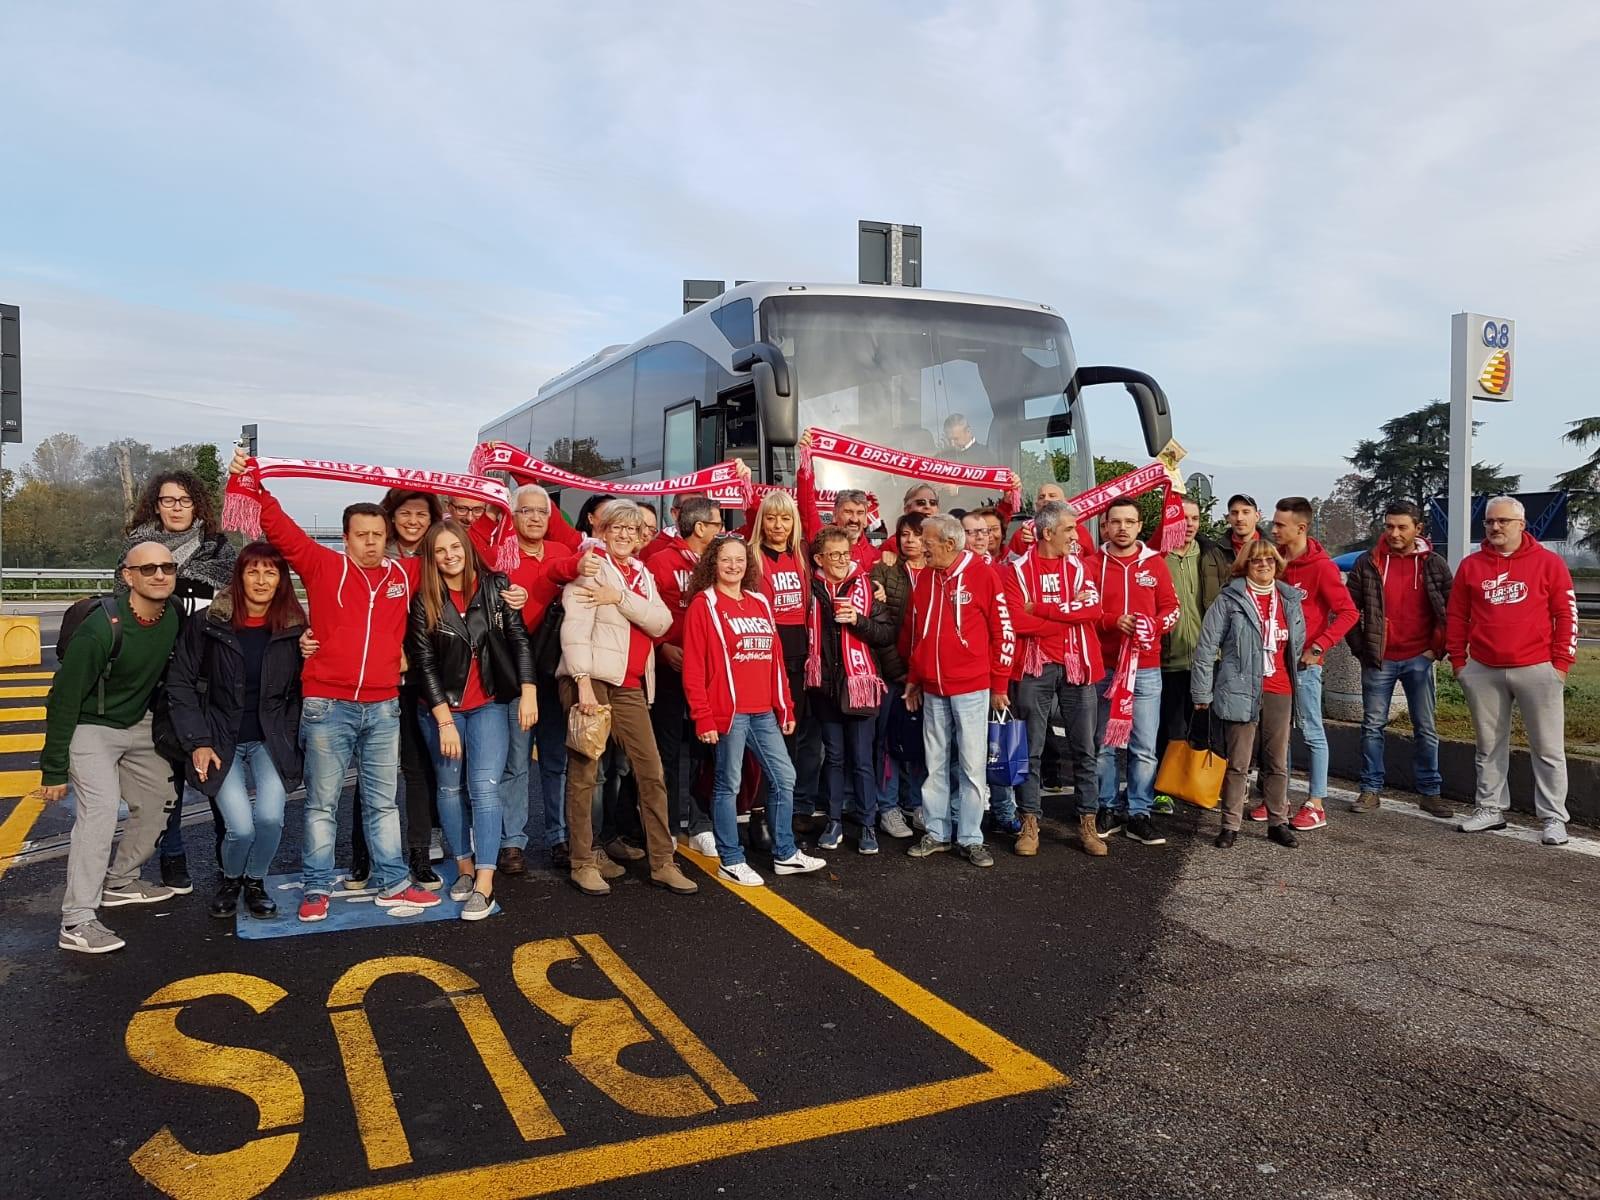 Trasferta a Brescia con il Basket Siamo Noi